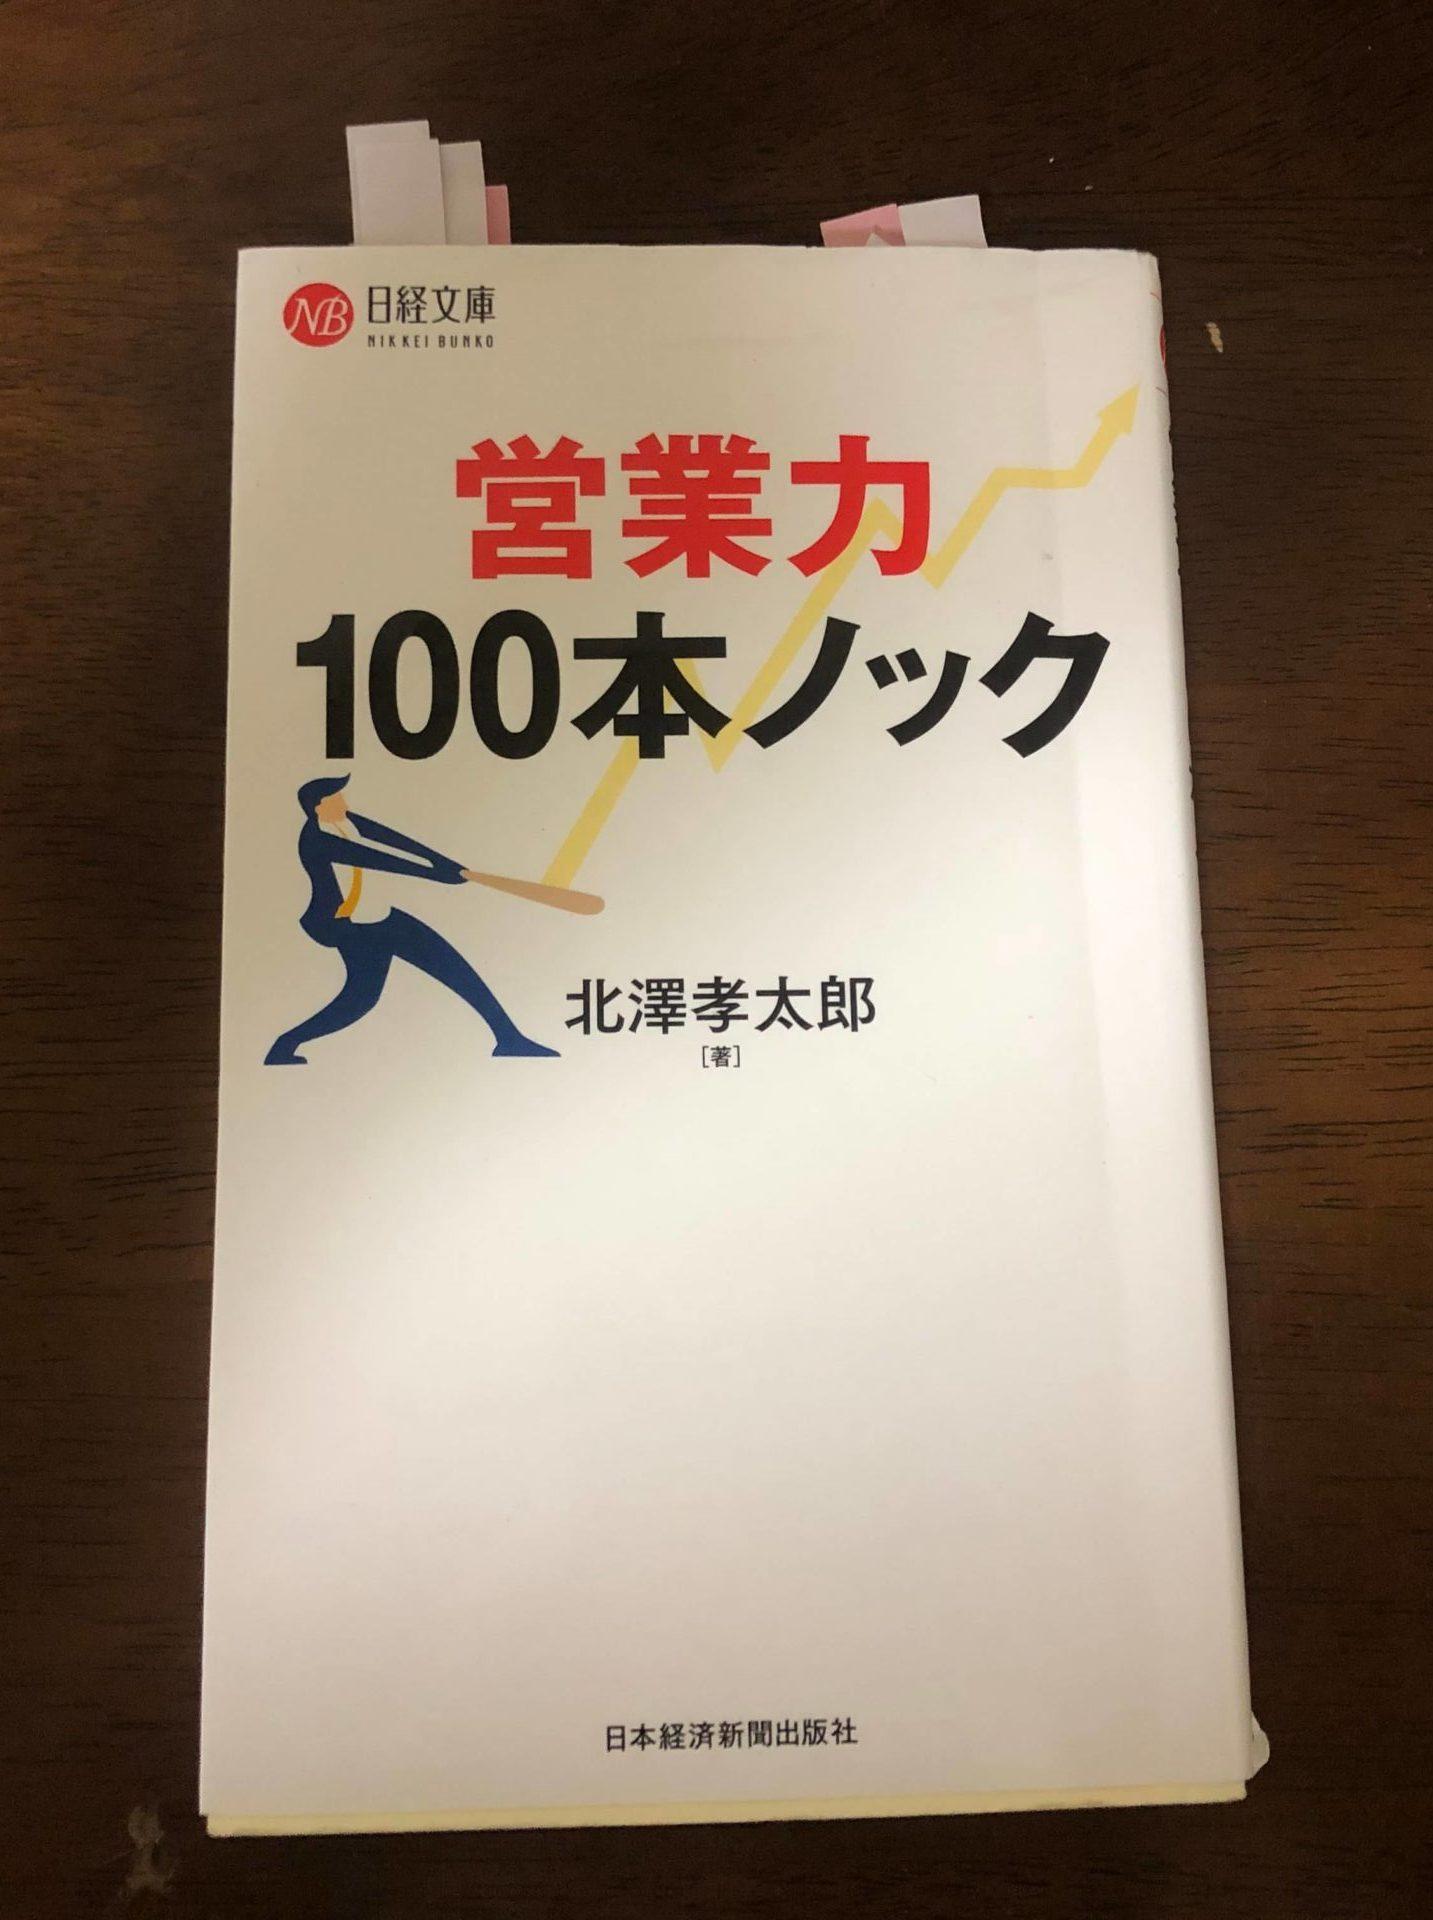 営業力100本ノック